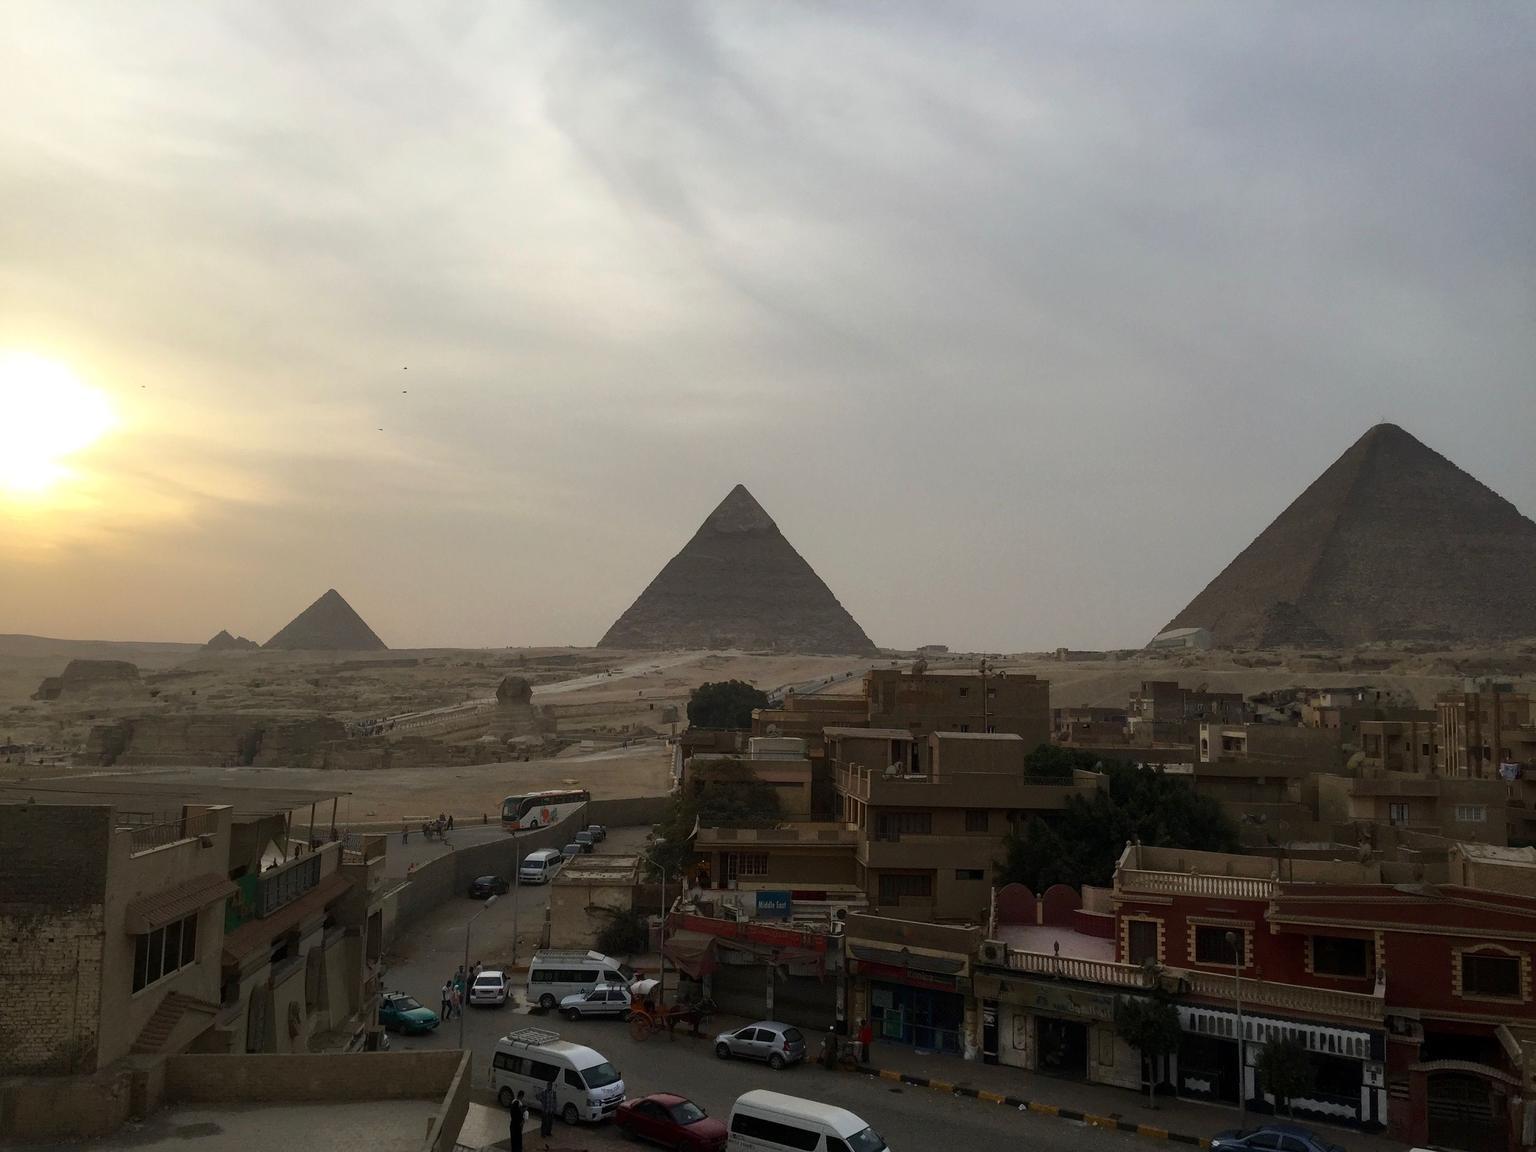 MÁS FOTOS, Excursión de un día al Museo Egipcio de El Cairo, El Cairo copto y el bazar de Khan el-Khalili desde Guiza